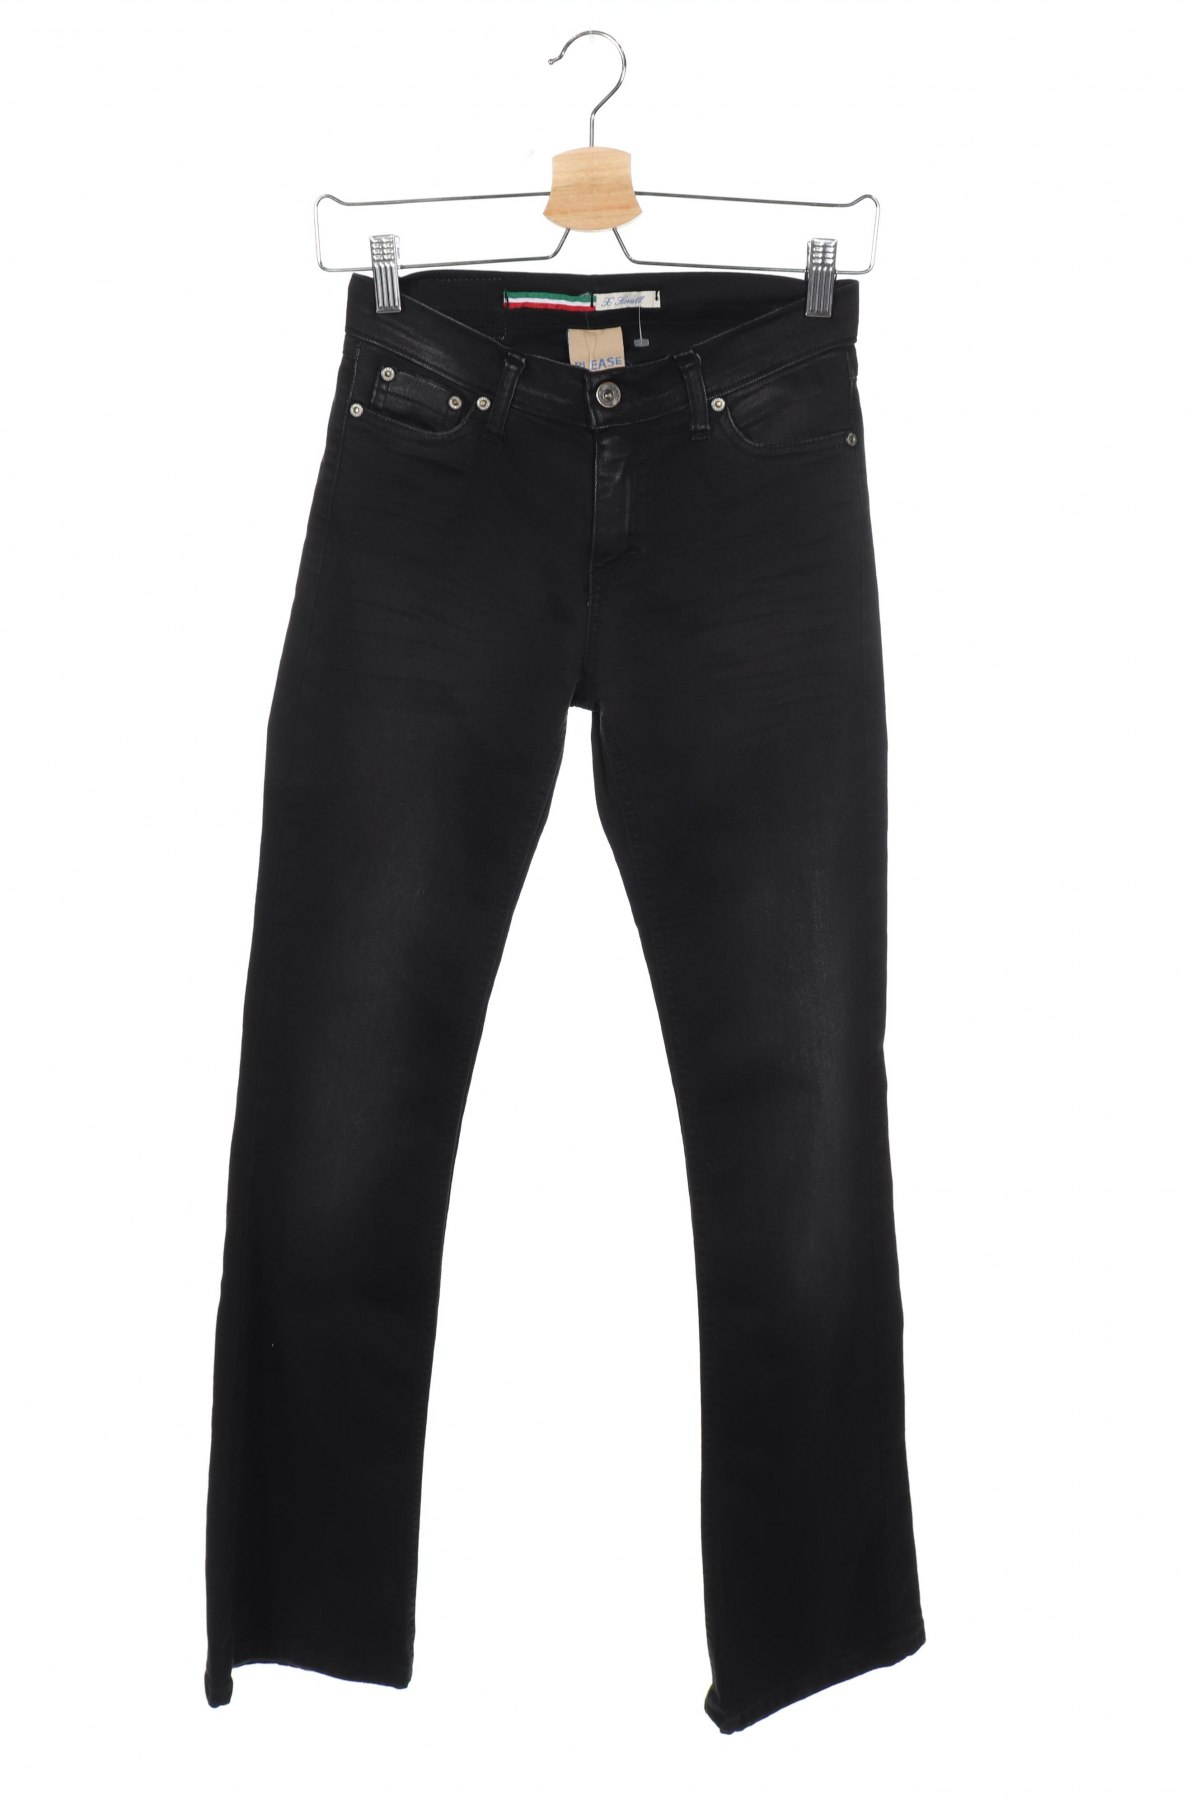 Дамски дънки Please, Размер XS, Цвят Черен, 98% памук, 2% еластан, Цена 111,75лв.